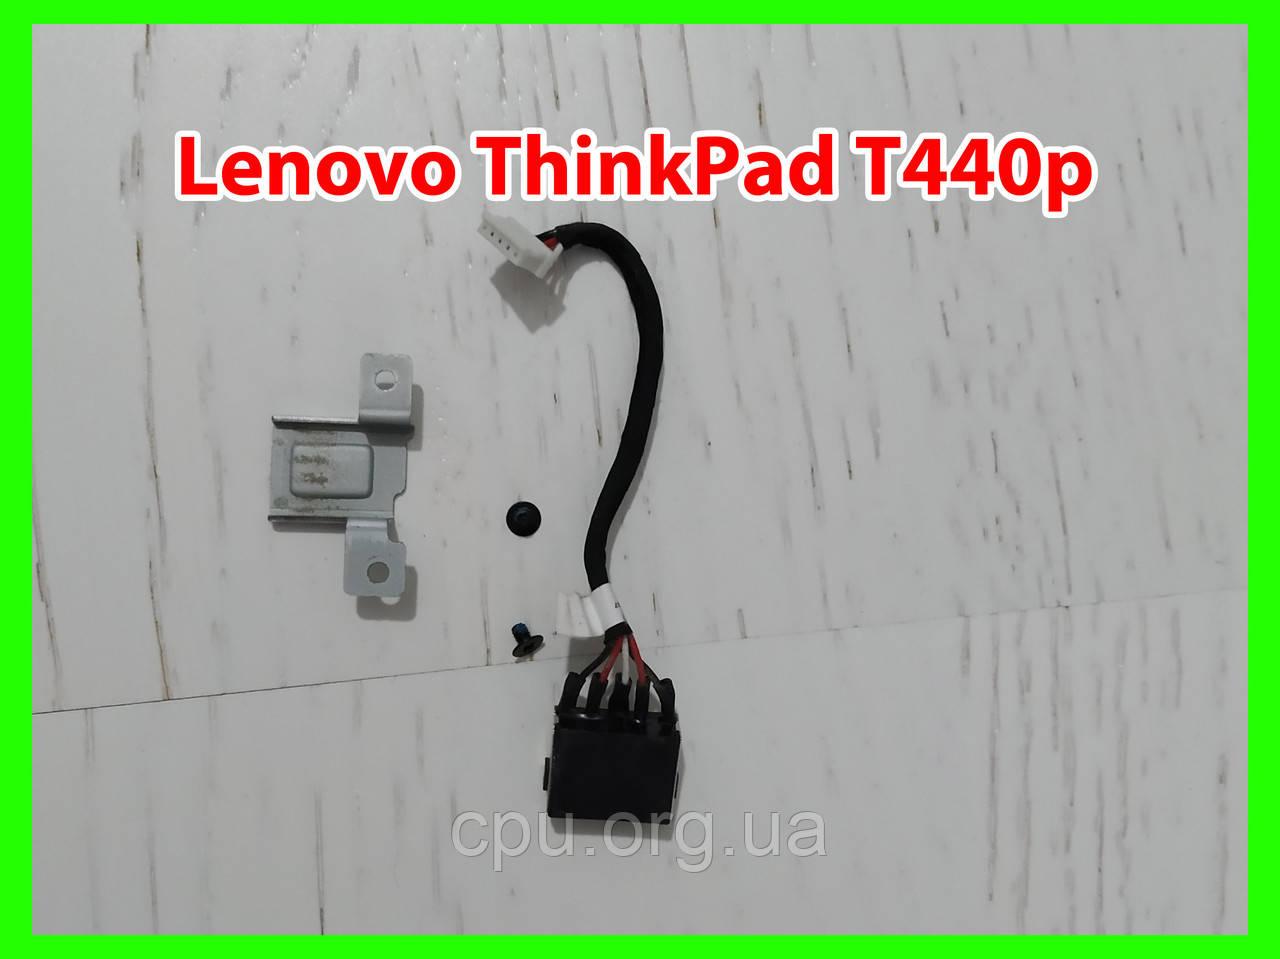 Роз'єм / гніздо живлення power cable Lenovo ThinkPad T440p